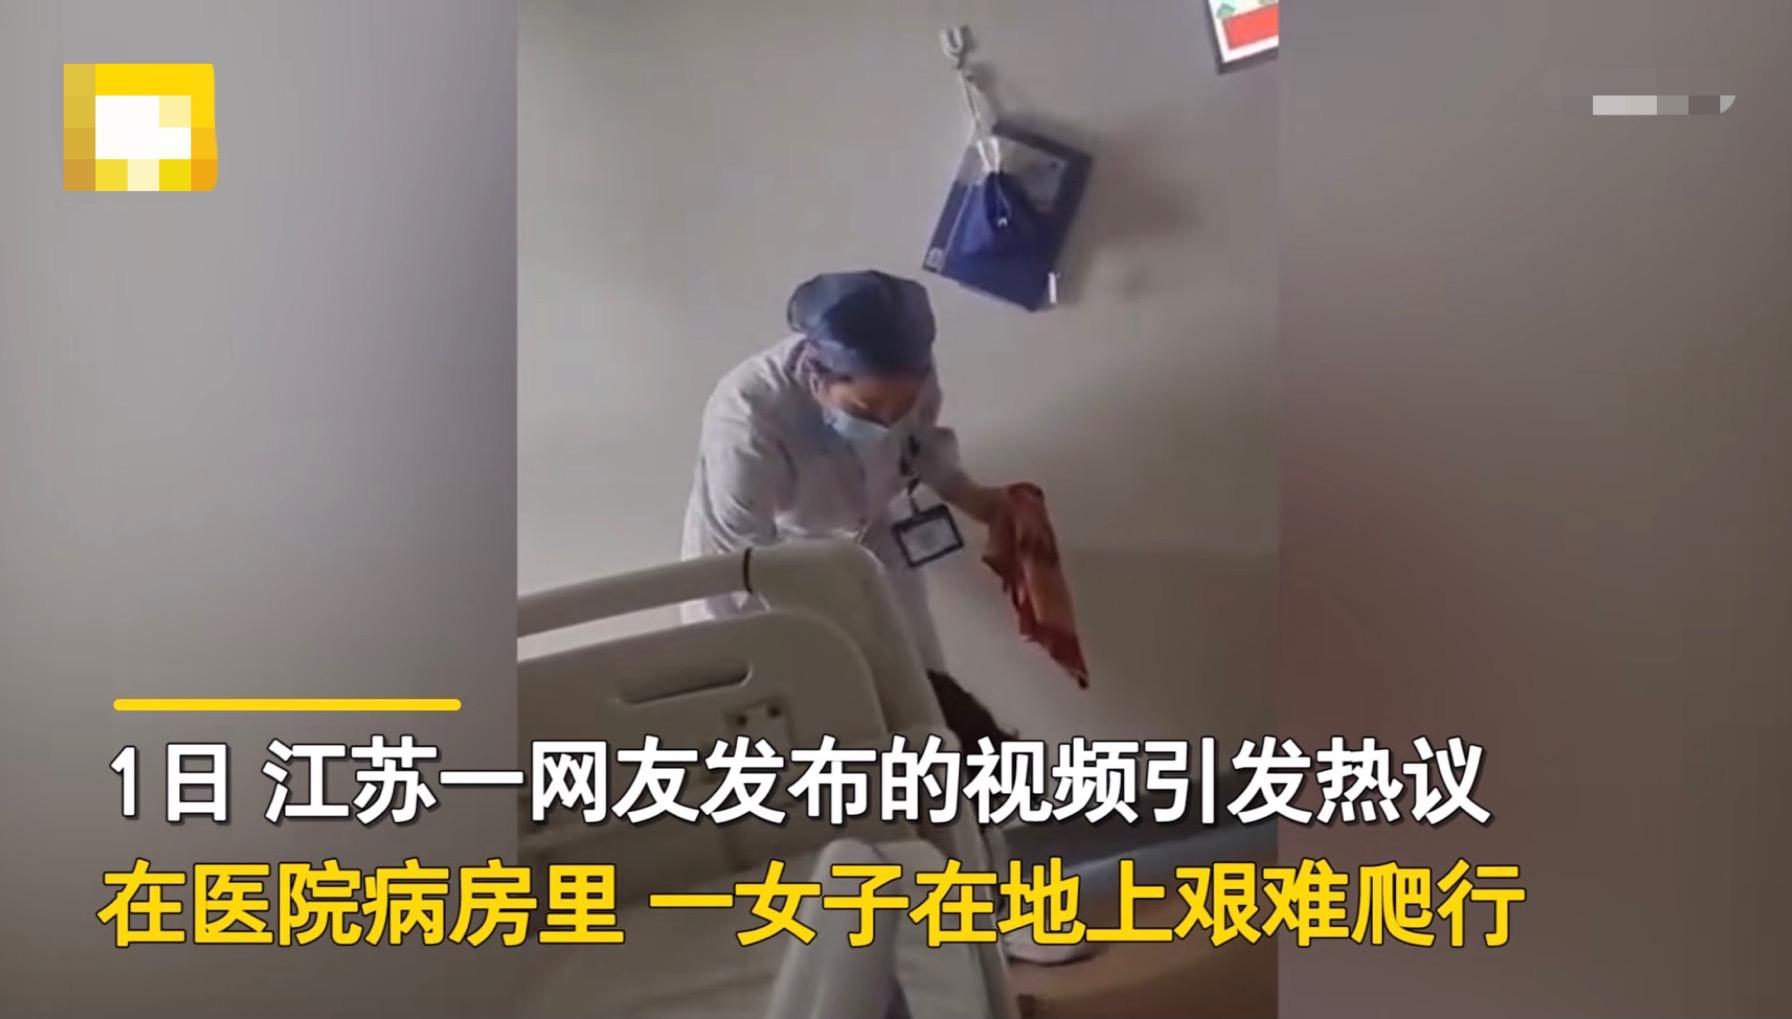 丈夫拒绝帮忙拿毛巾,女子病房内跪地爬行自取,护士心疼:找个护工吧